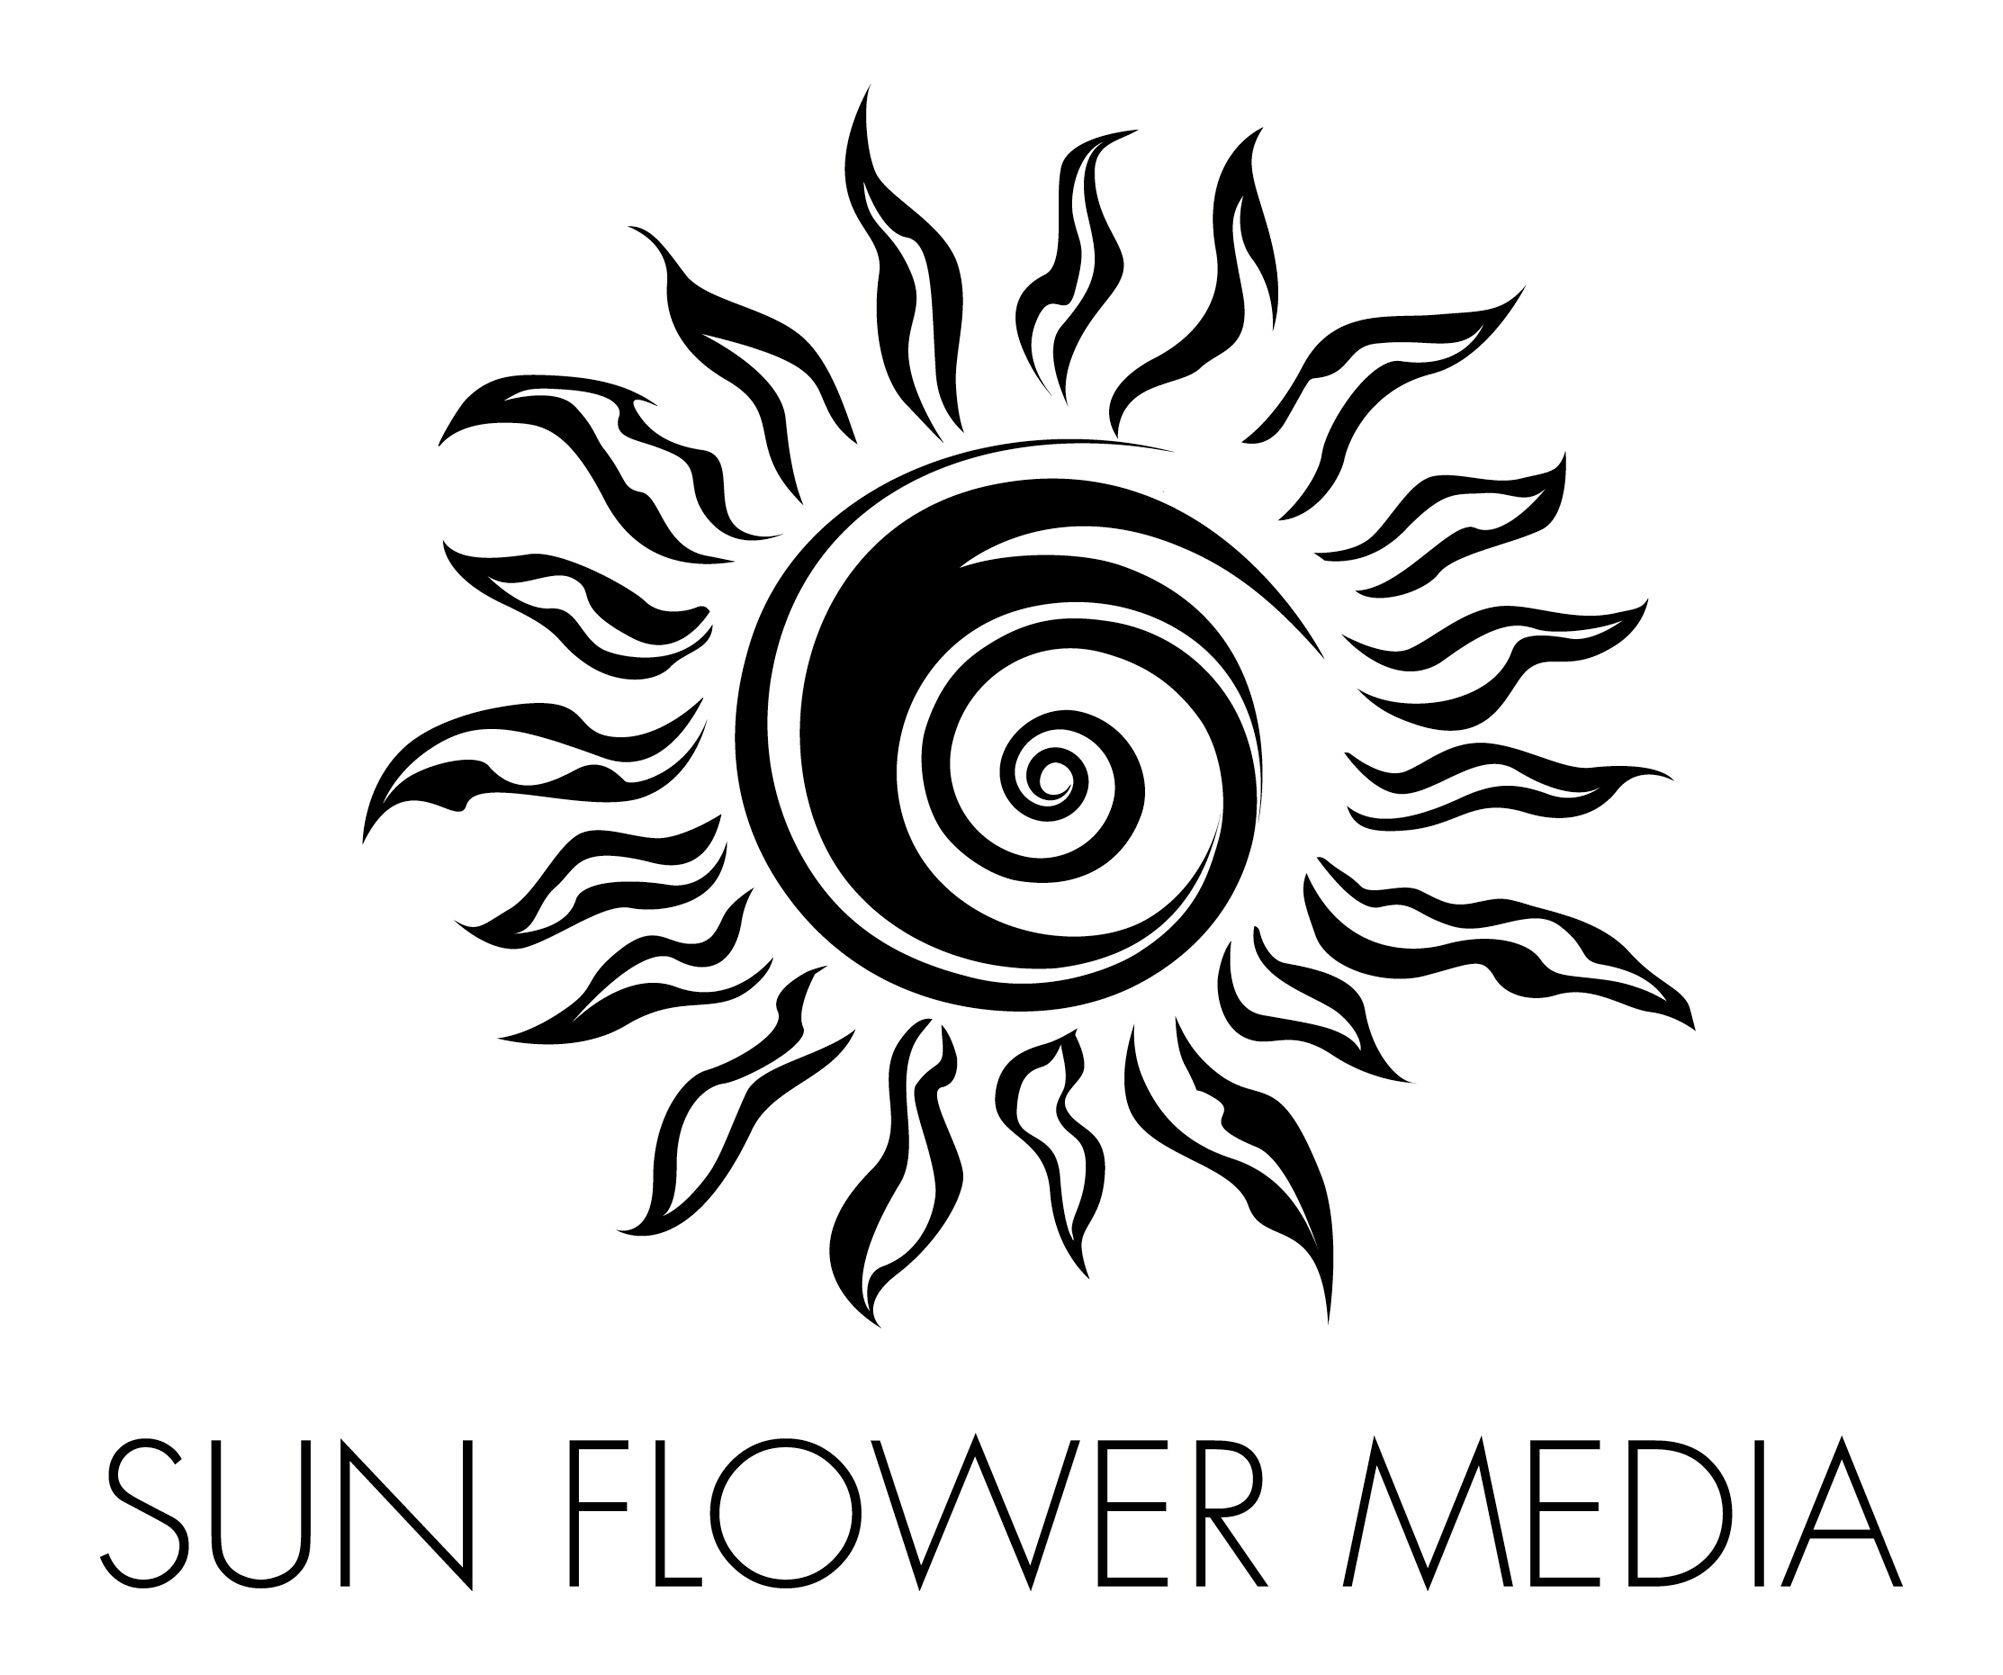 Sunflower Outline Sunflower Outlin | Tattoo outline ...